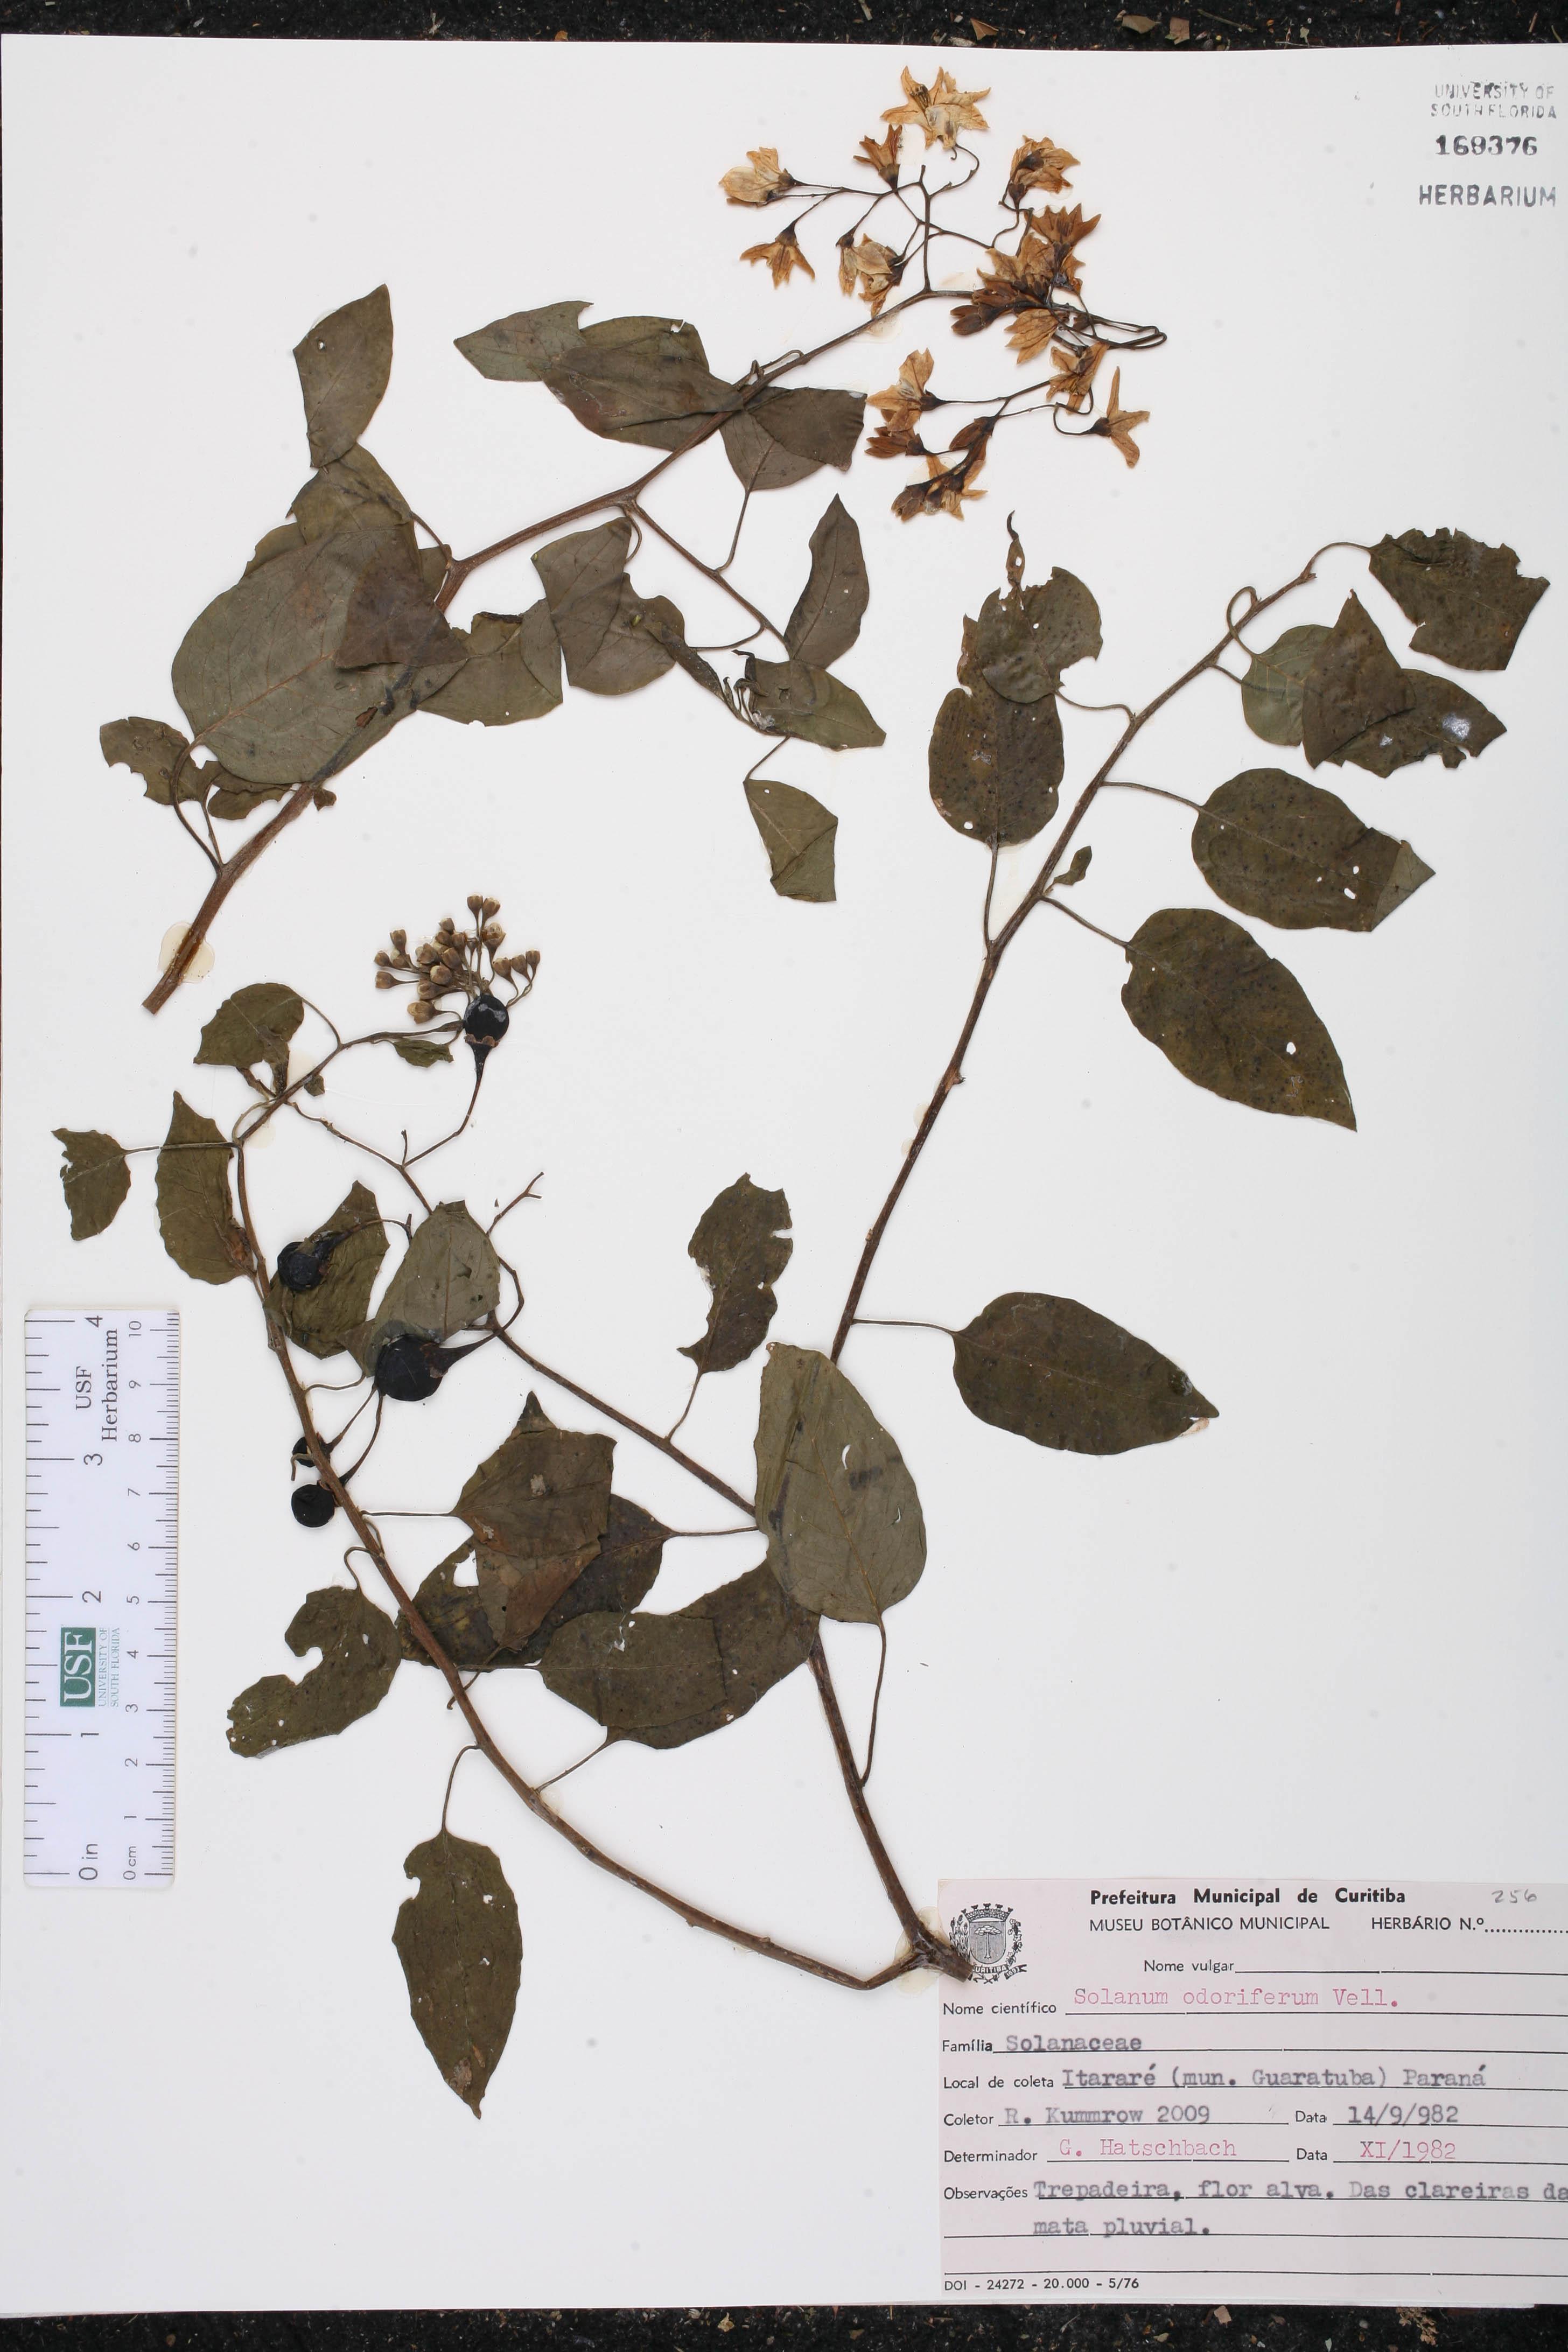 Solanum odoriferum image